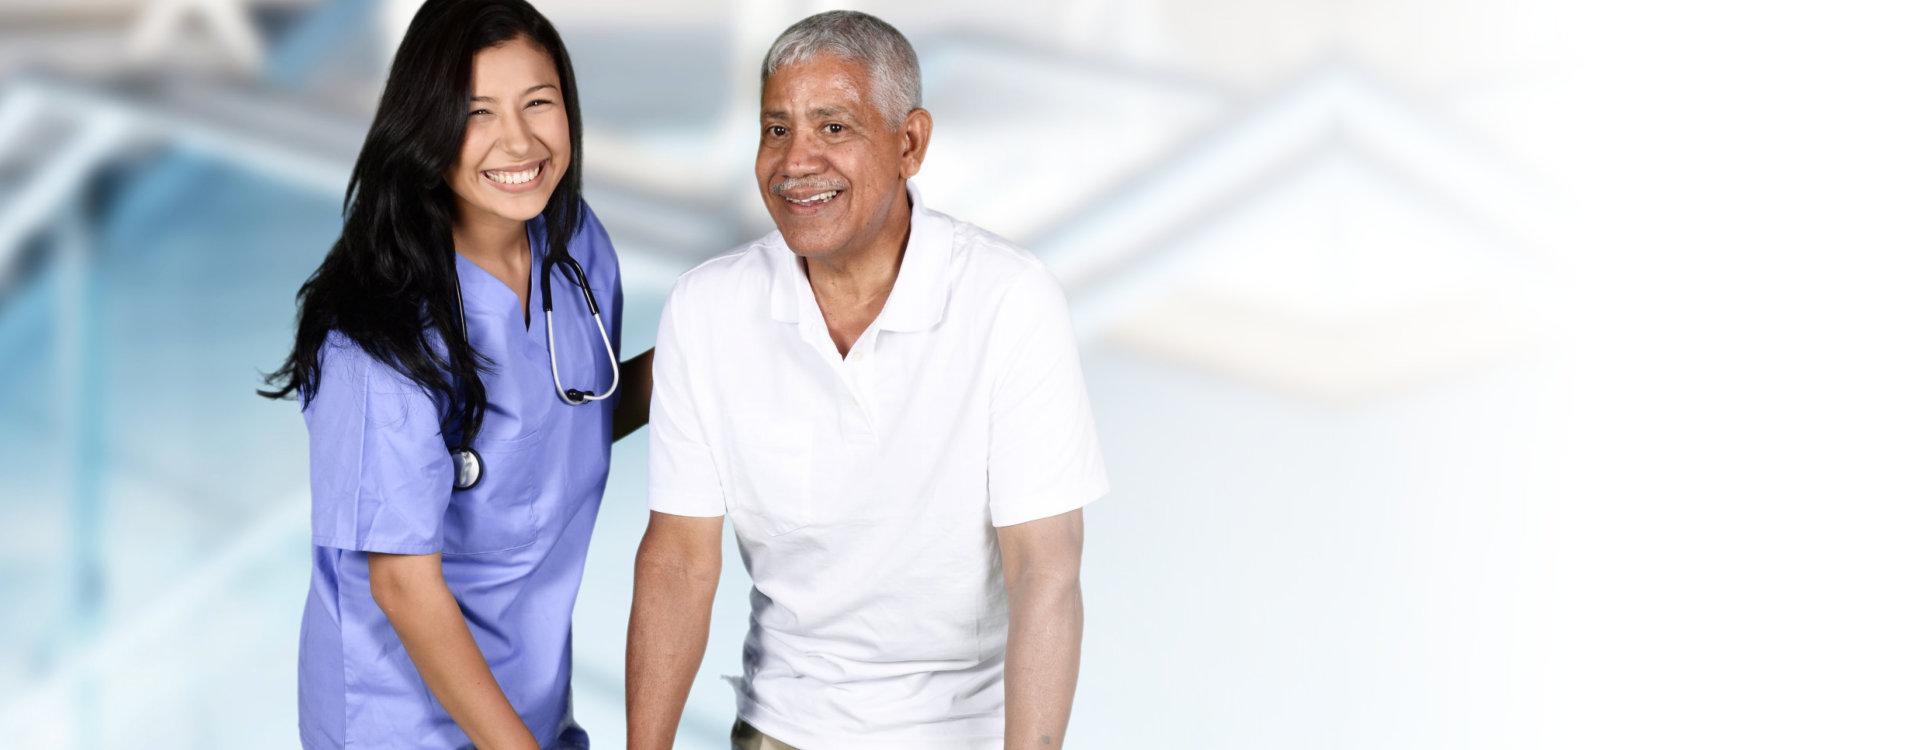 Nurse helping elder man at hospital gym